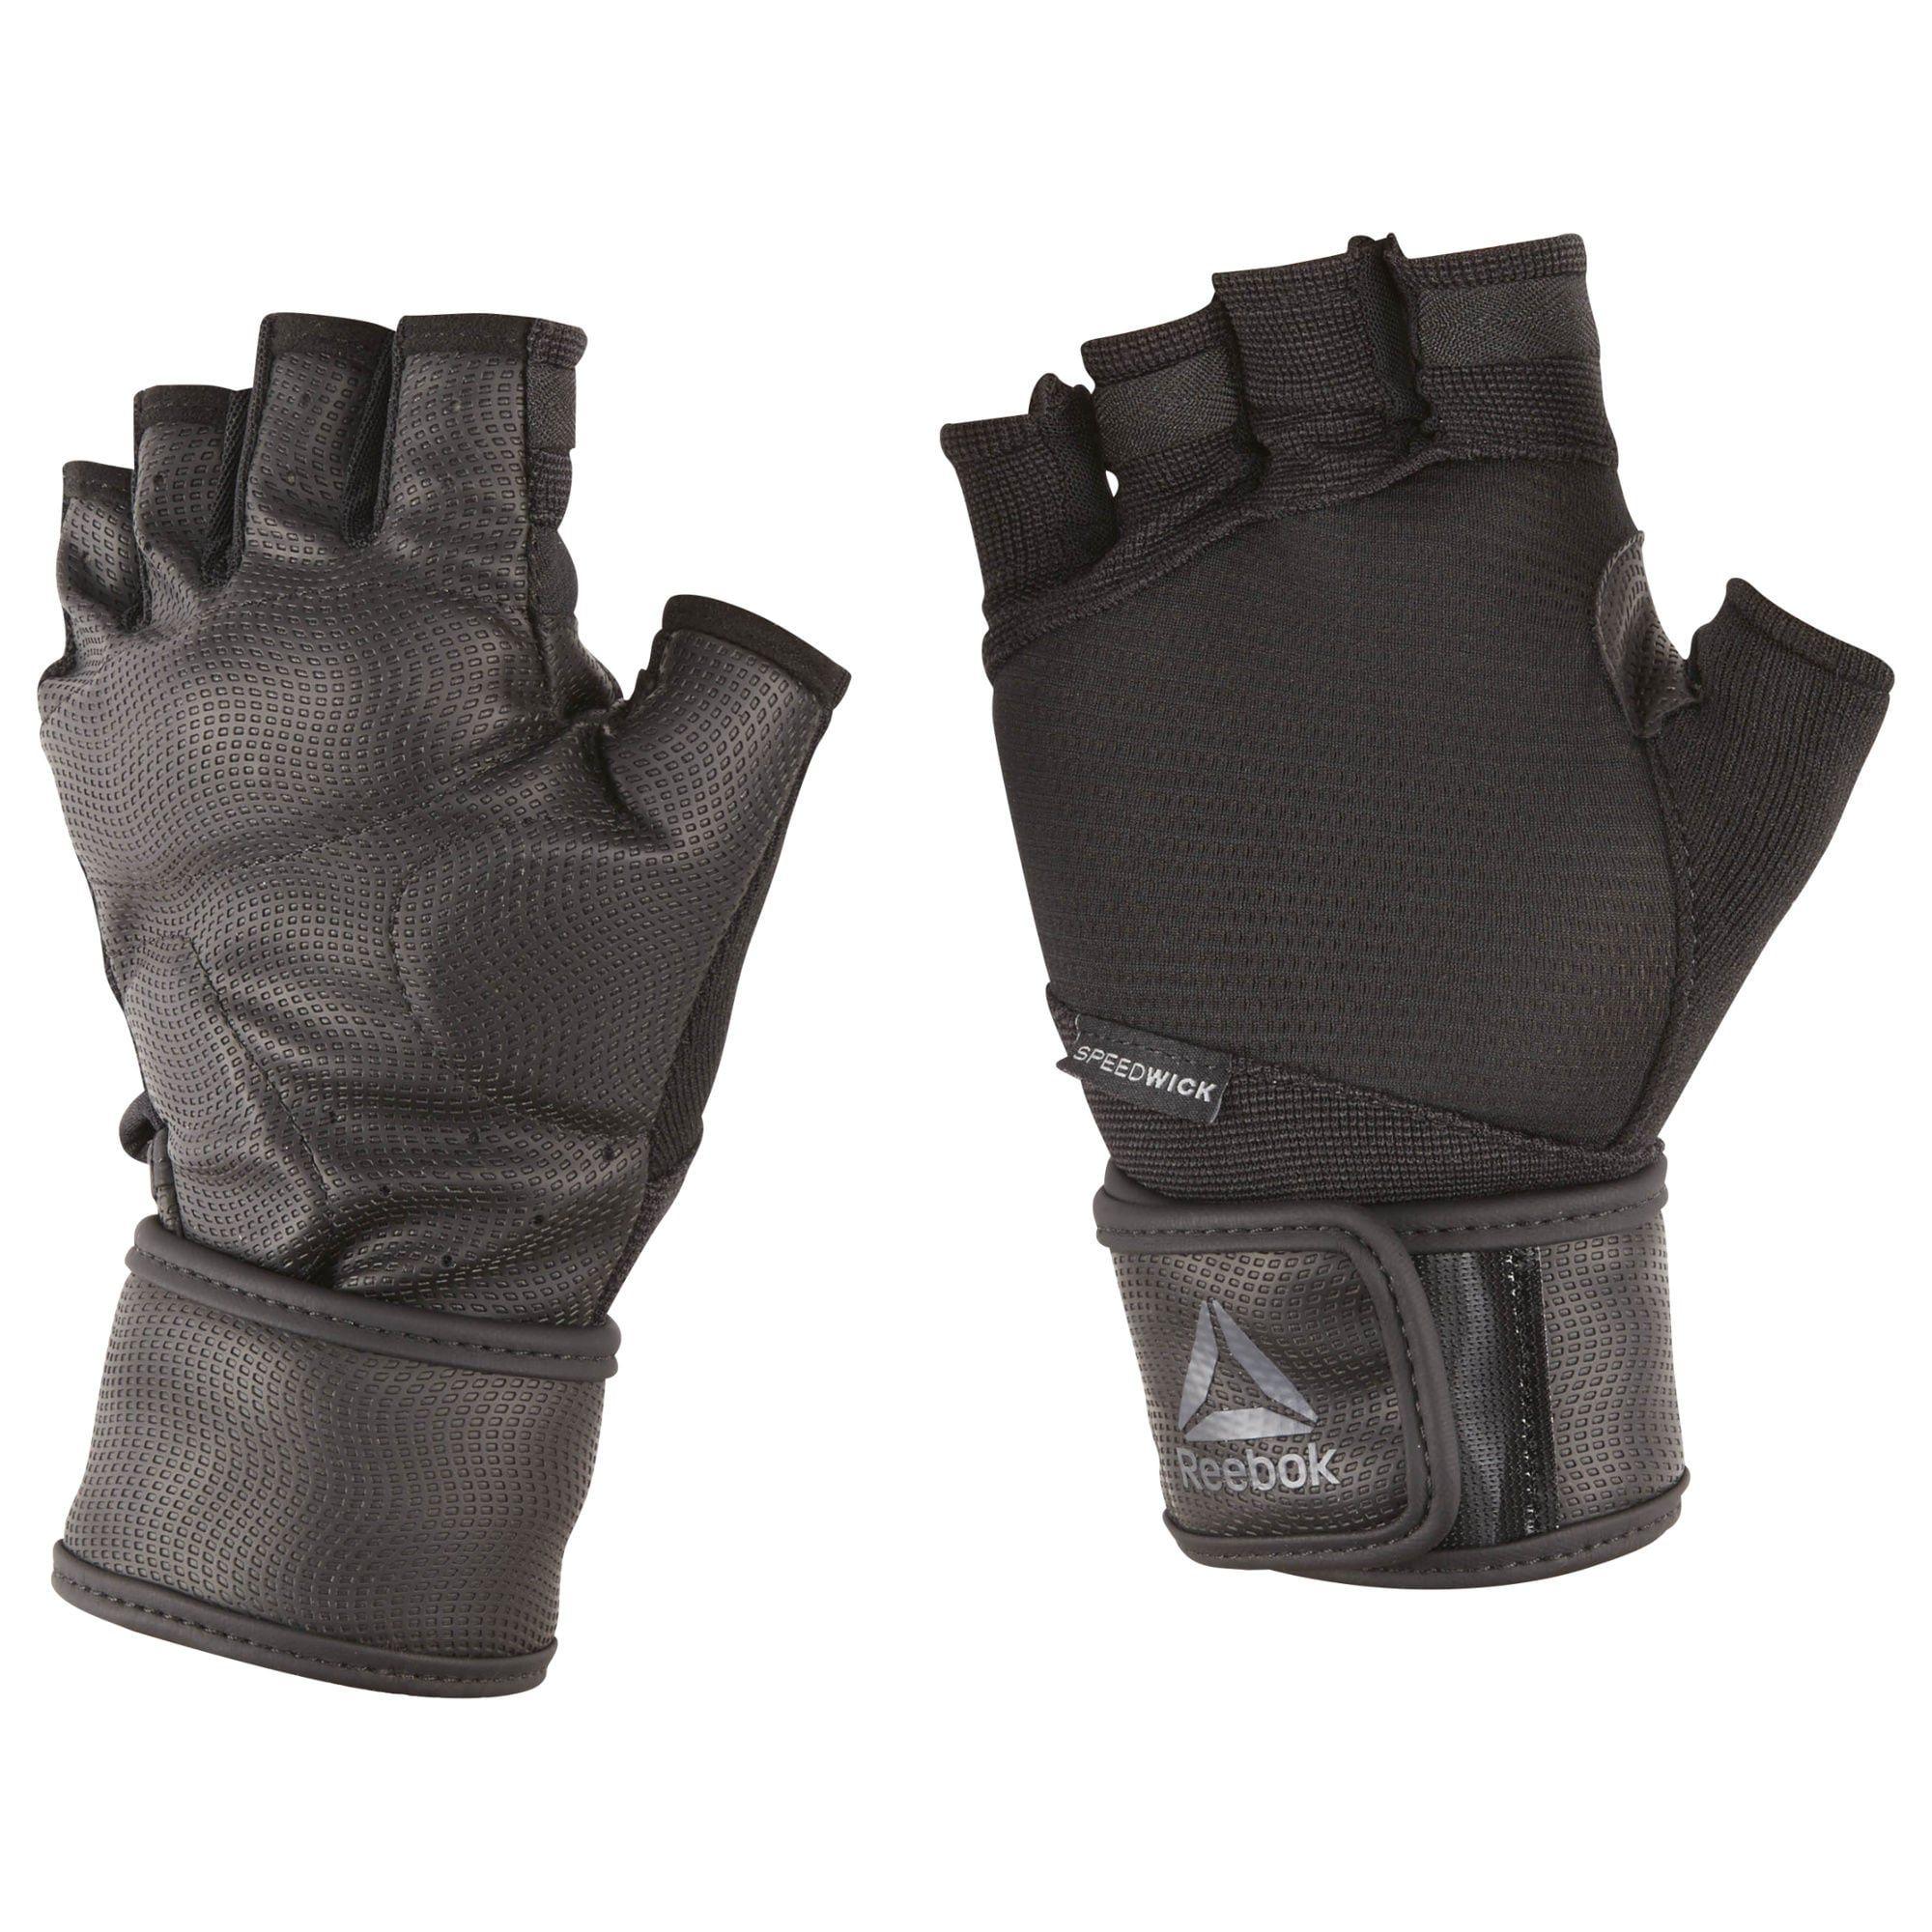 Handschuhe ´Training Wrist´